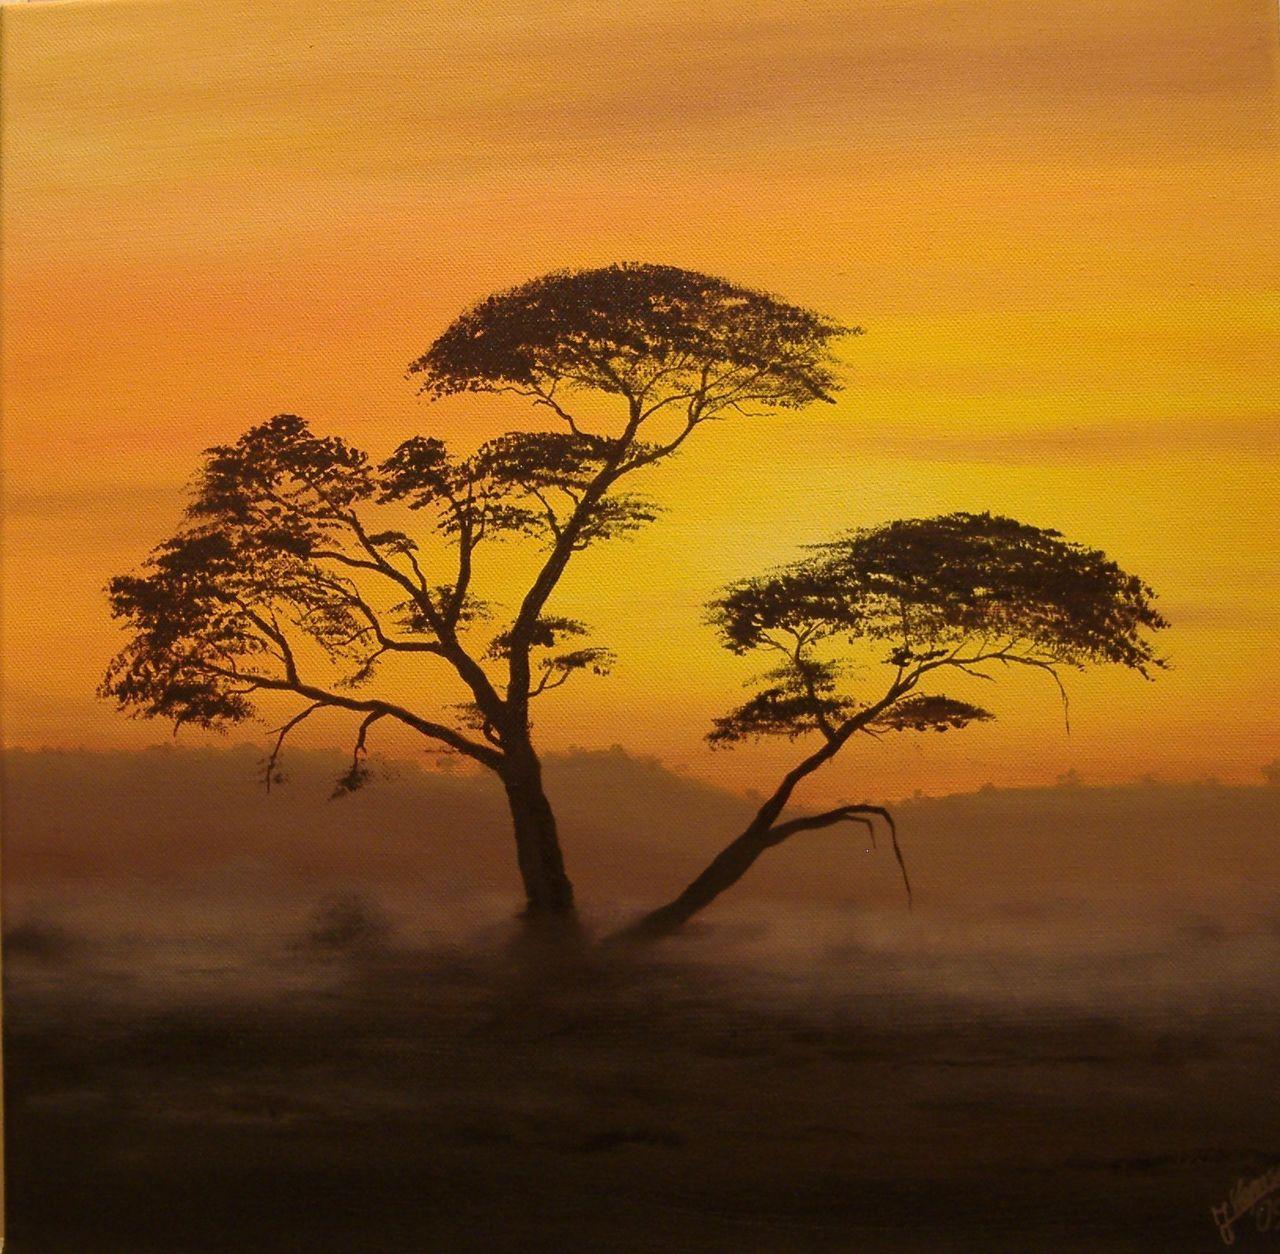 bild baum afrika sonnenuntergang malerei von j rg kensche bei kunstnet. Black Bedroom Furniture Sets. Home Design Ideas